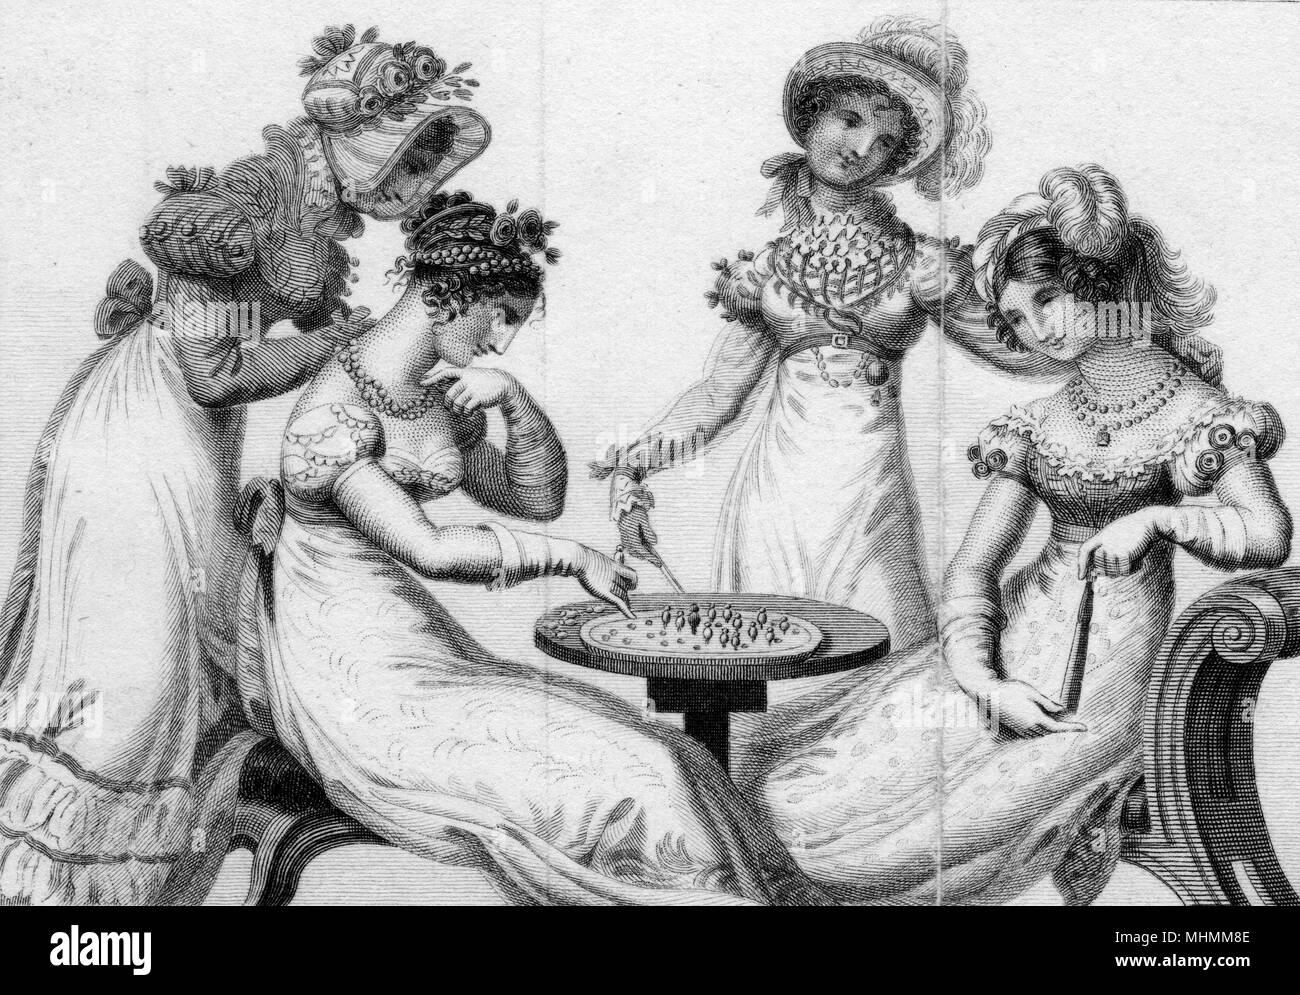 Quatre femmes à la mode de jouer au solitaire. Date: début du 19ème siècle Photo Stock